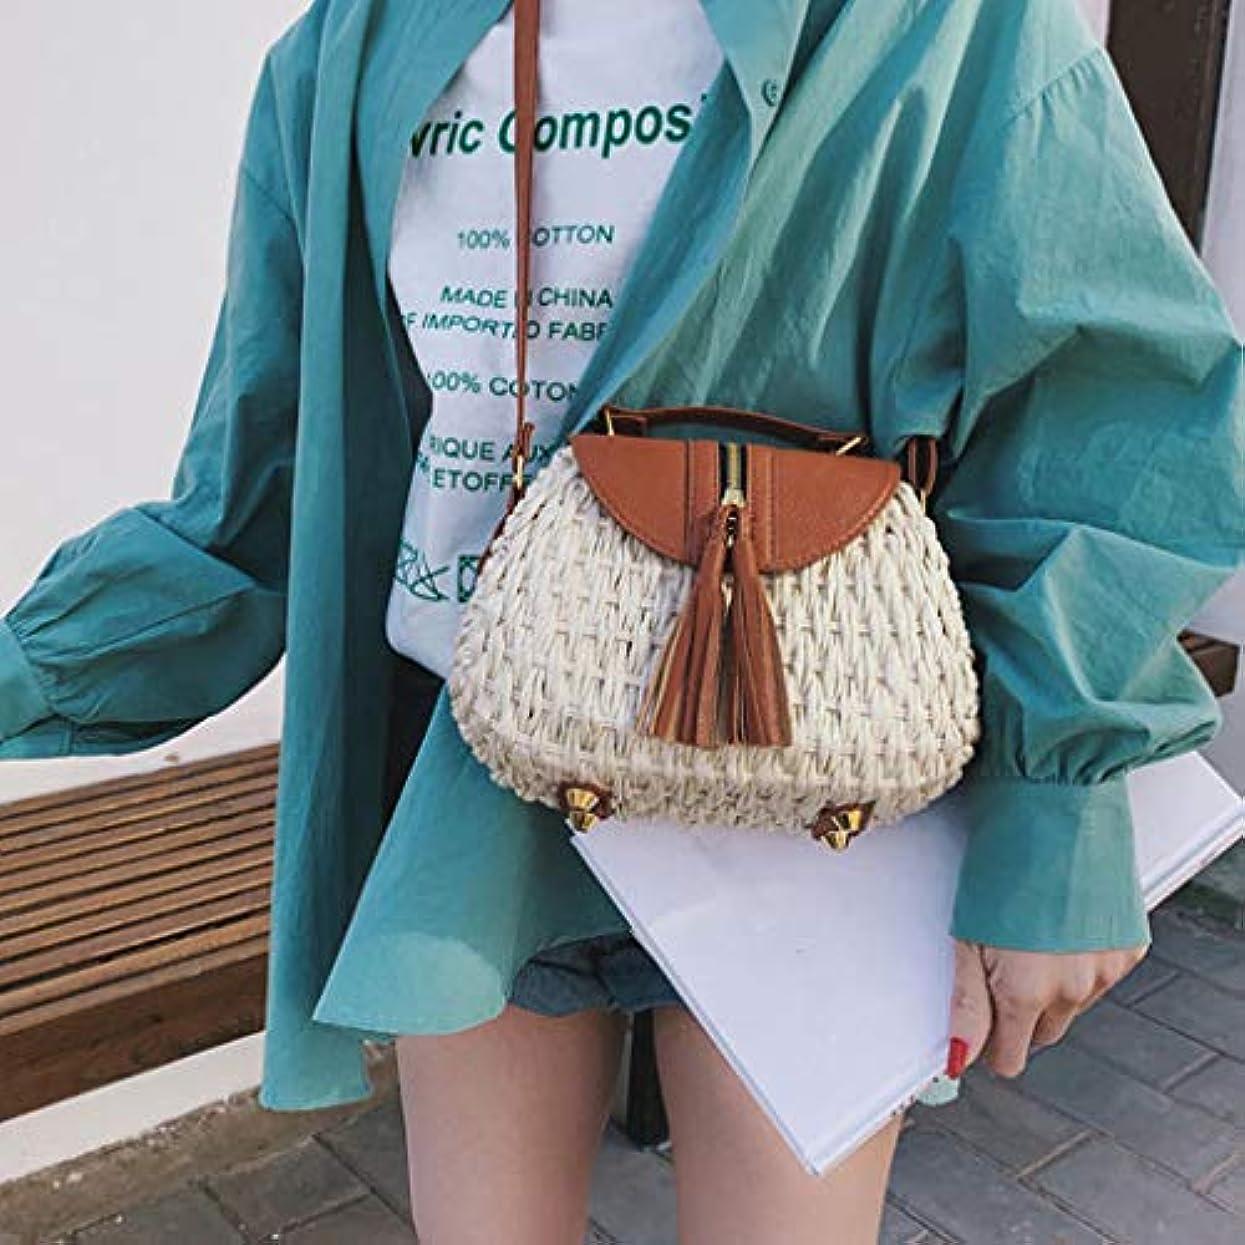 眉をひそめるティッシュ仮説女性の流行のタッセルはショルダー?バッグ、女性浜の余暇のクロスボディ袋を織ります、女性のタッセルは浜様式のメッセンジャー袋を織ります、女性方法対照色のビーチ様式のメッセンジャー袋 (ベージュ)